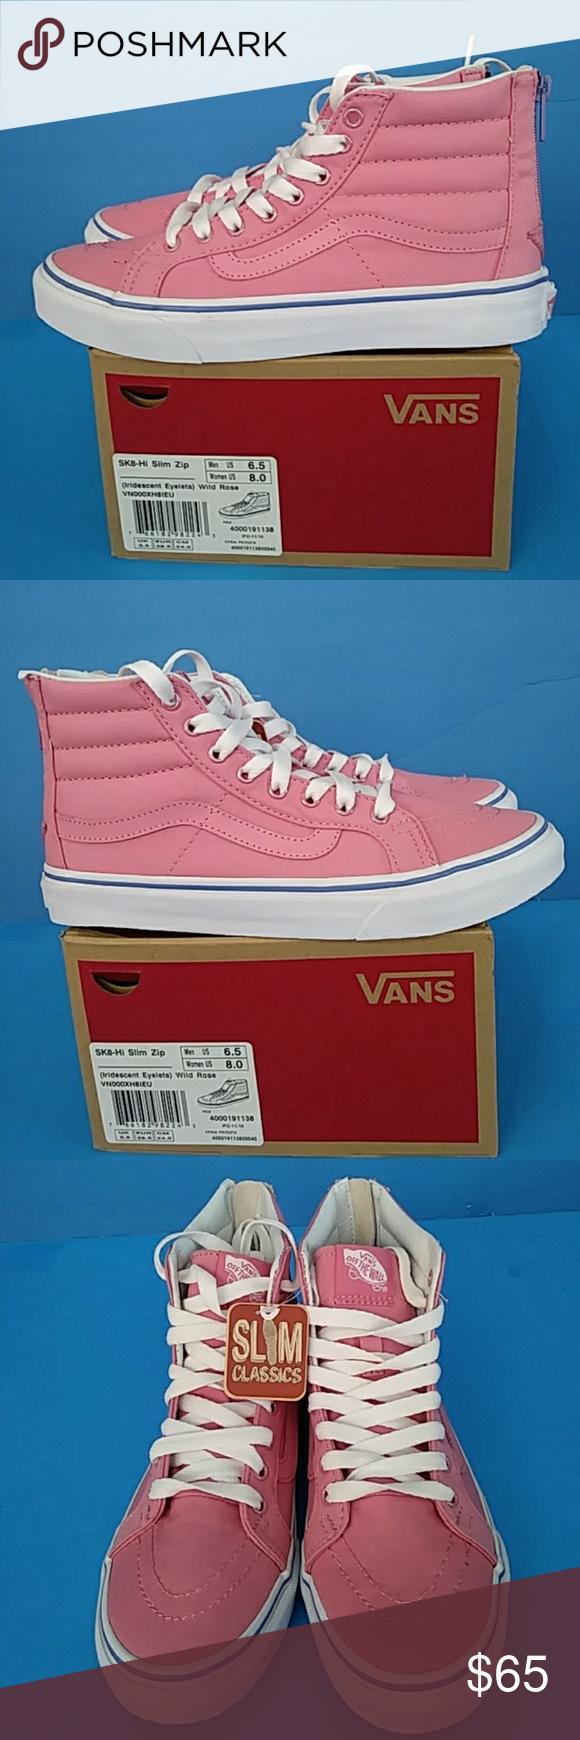 90423f62b7f SK8-HI SLIM ZIP (IRIDESCENT EYELET ) WILD ROSE UNISEX SIZE   MEN S   6.5.  WMN   8 REASONABLE OFFER IS WELCOME VANS Shoes Sneakers